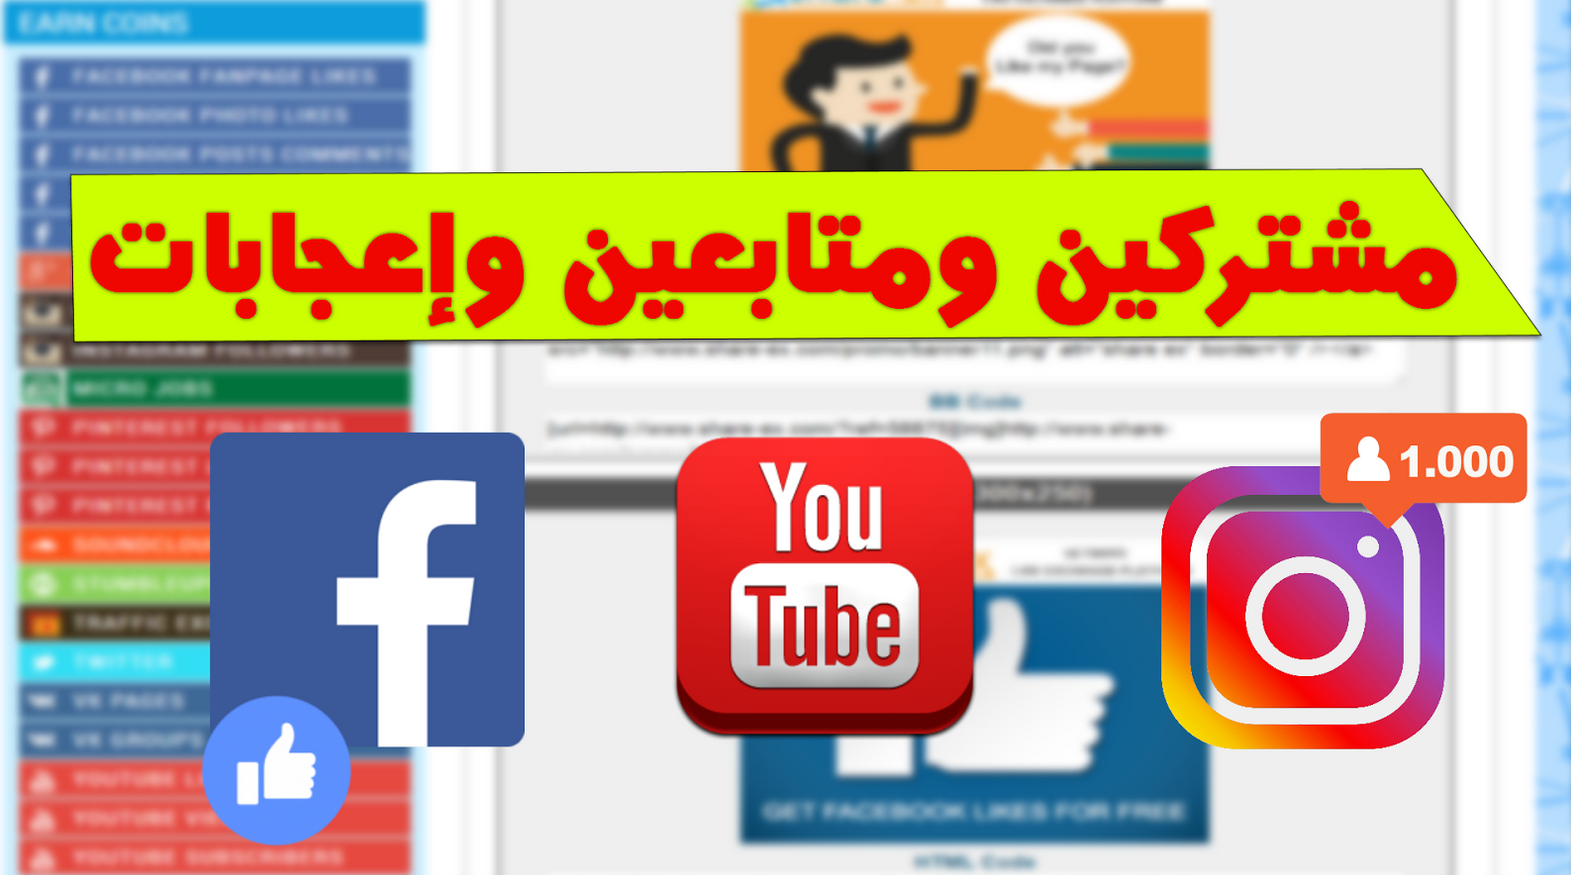 الحصول علي الاف الاعجابات والمشتركين في قناتك علي اليوتيوب او صفحة الفيس بوك